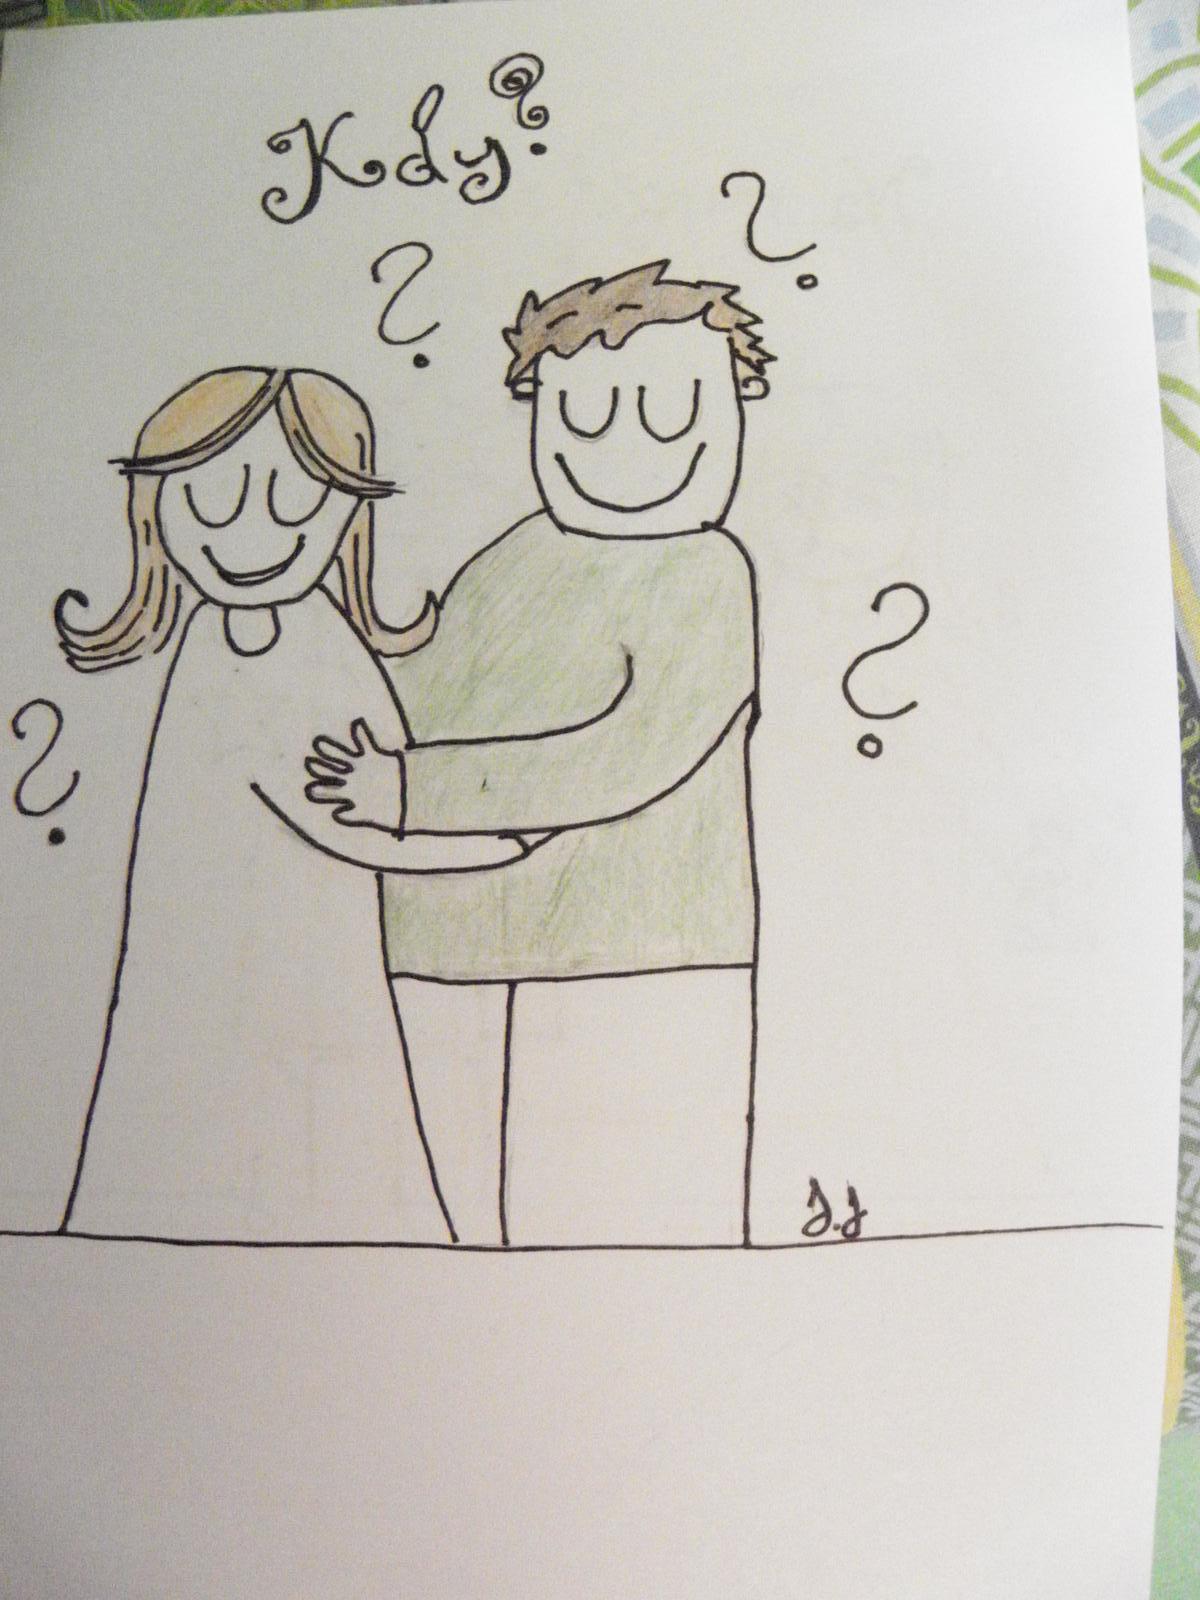 Selská svatba + Má tvorba - 1. viněta do svatebních novin hotova.. Akorát jsem ze svého nastávajícího udělala trochu tlouštíka...